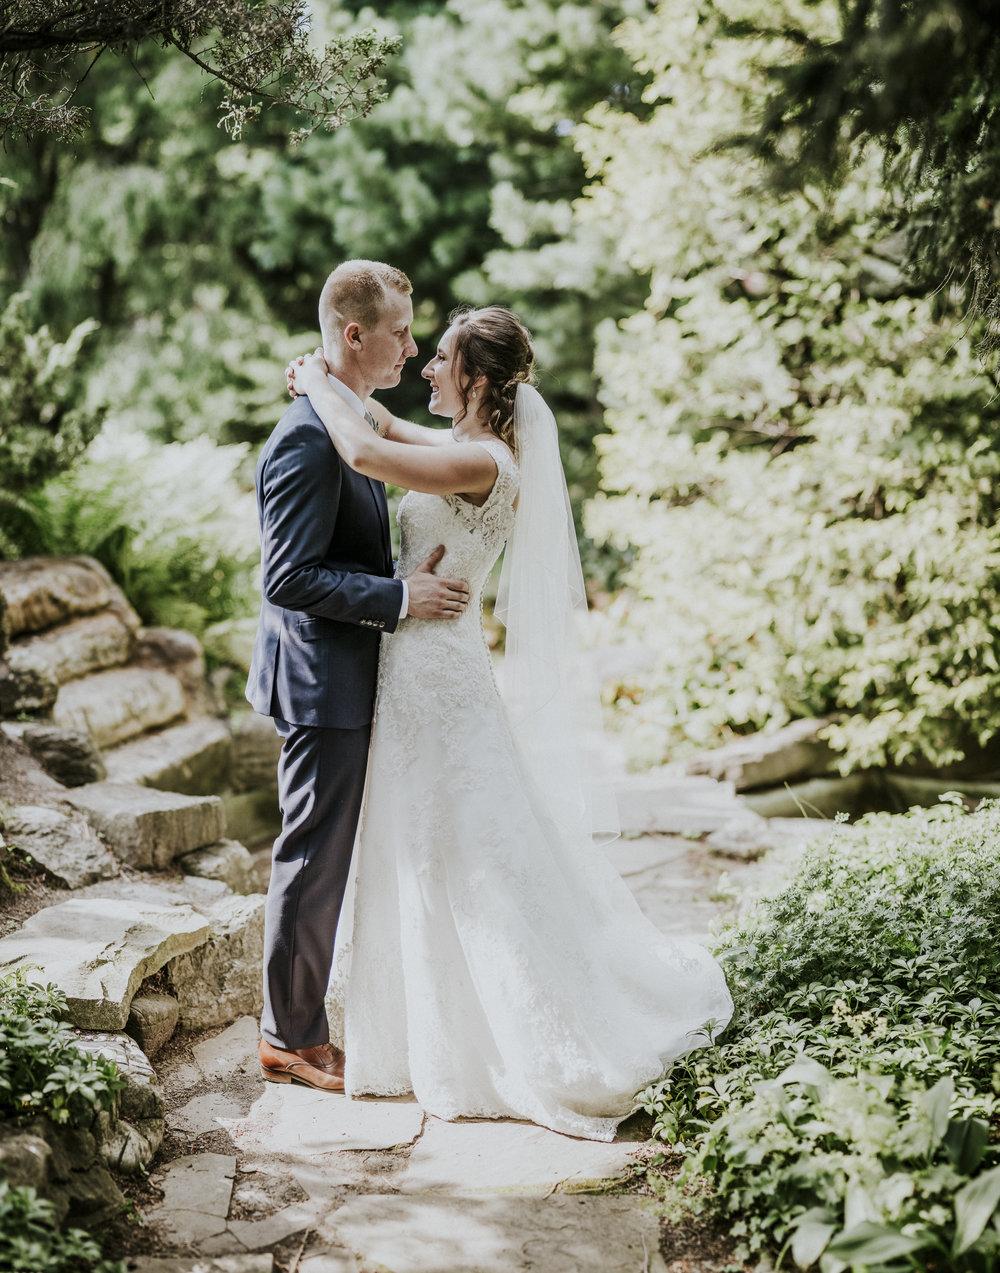 BRIDE+GROOM-PORTRAITS-020.jpg